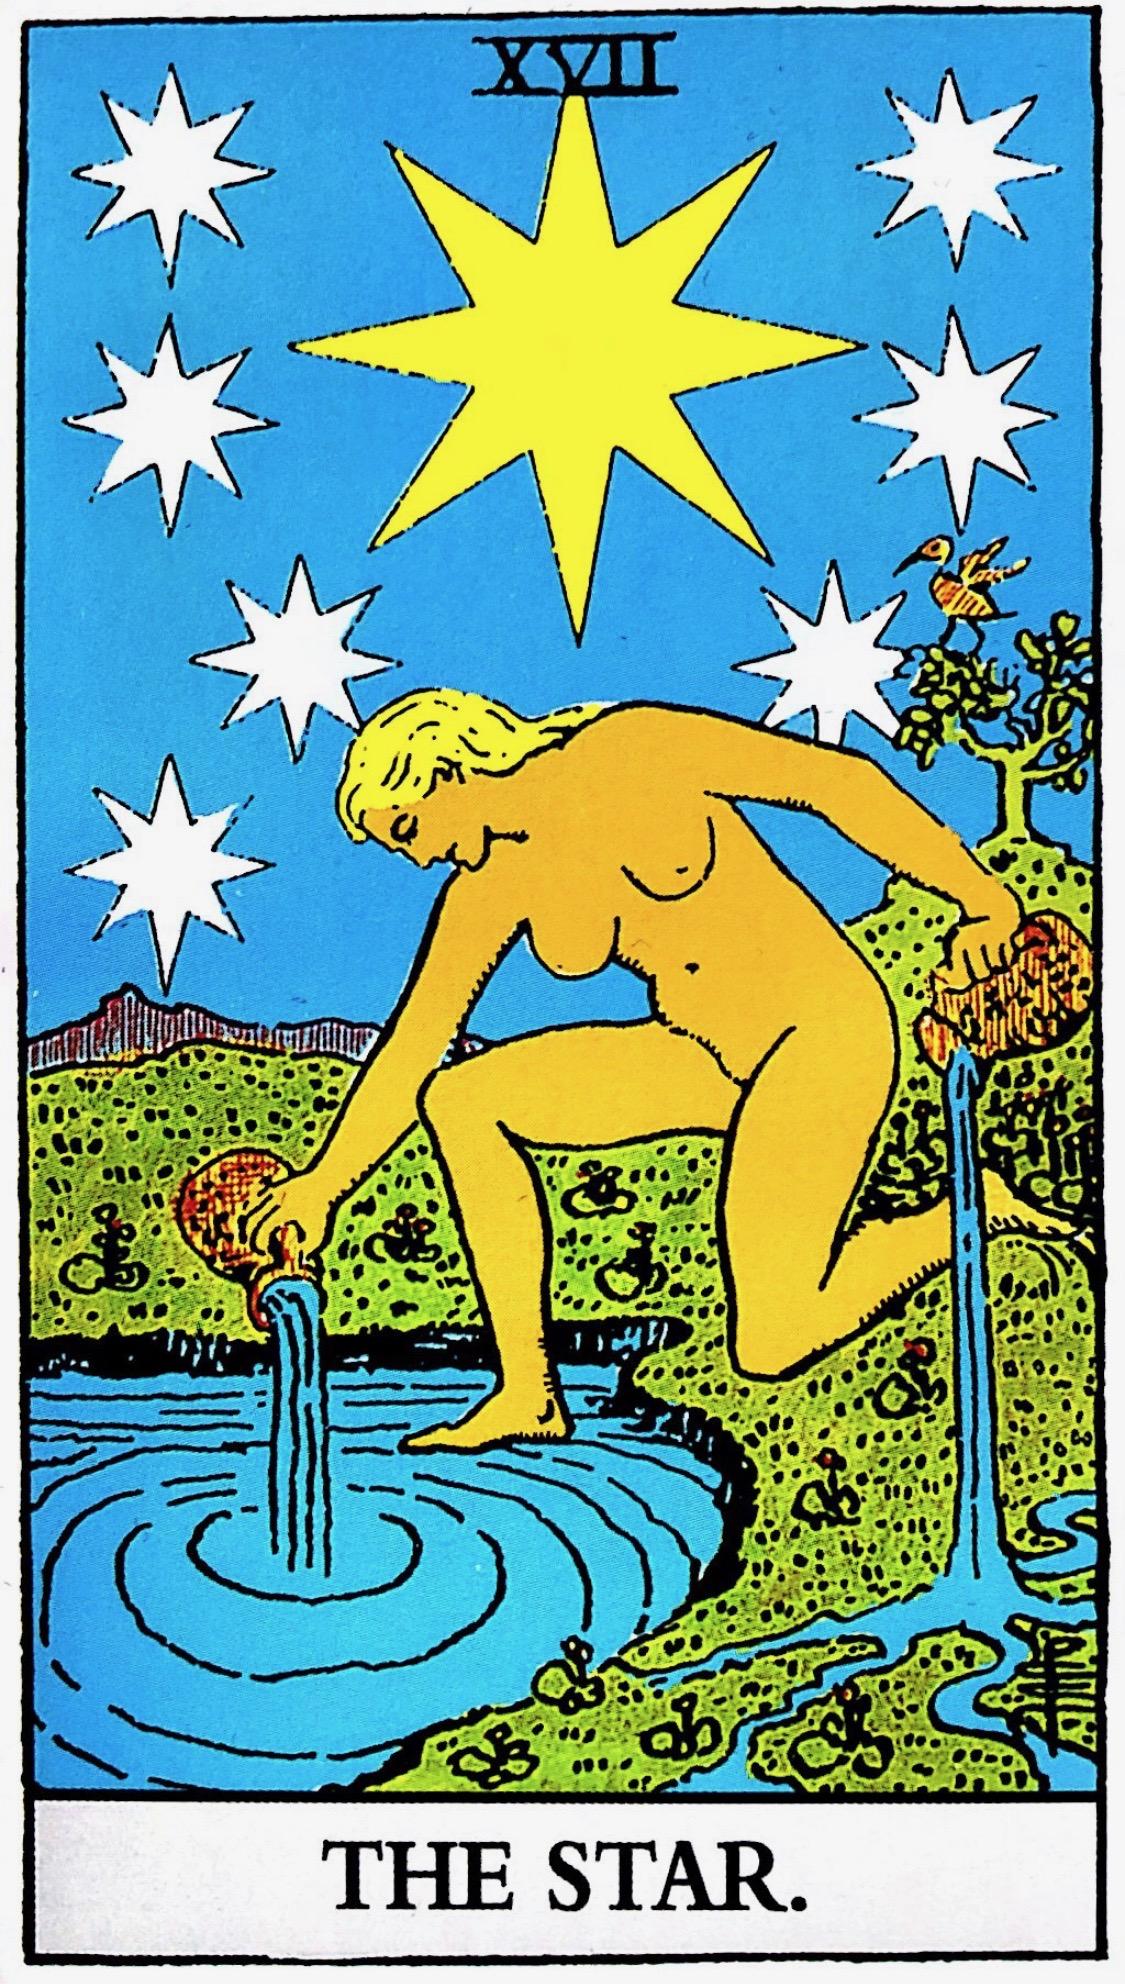 タロット占い「星」の意味【正位置】